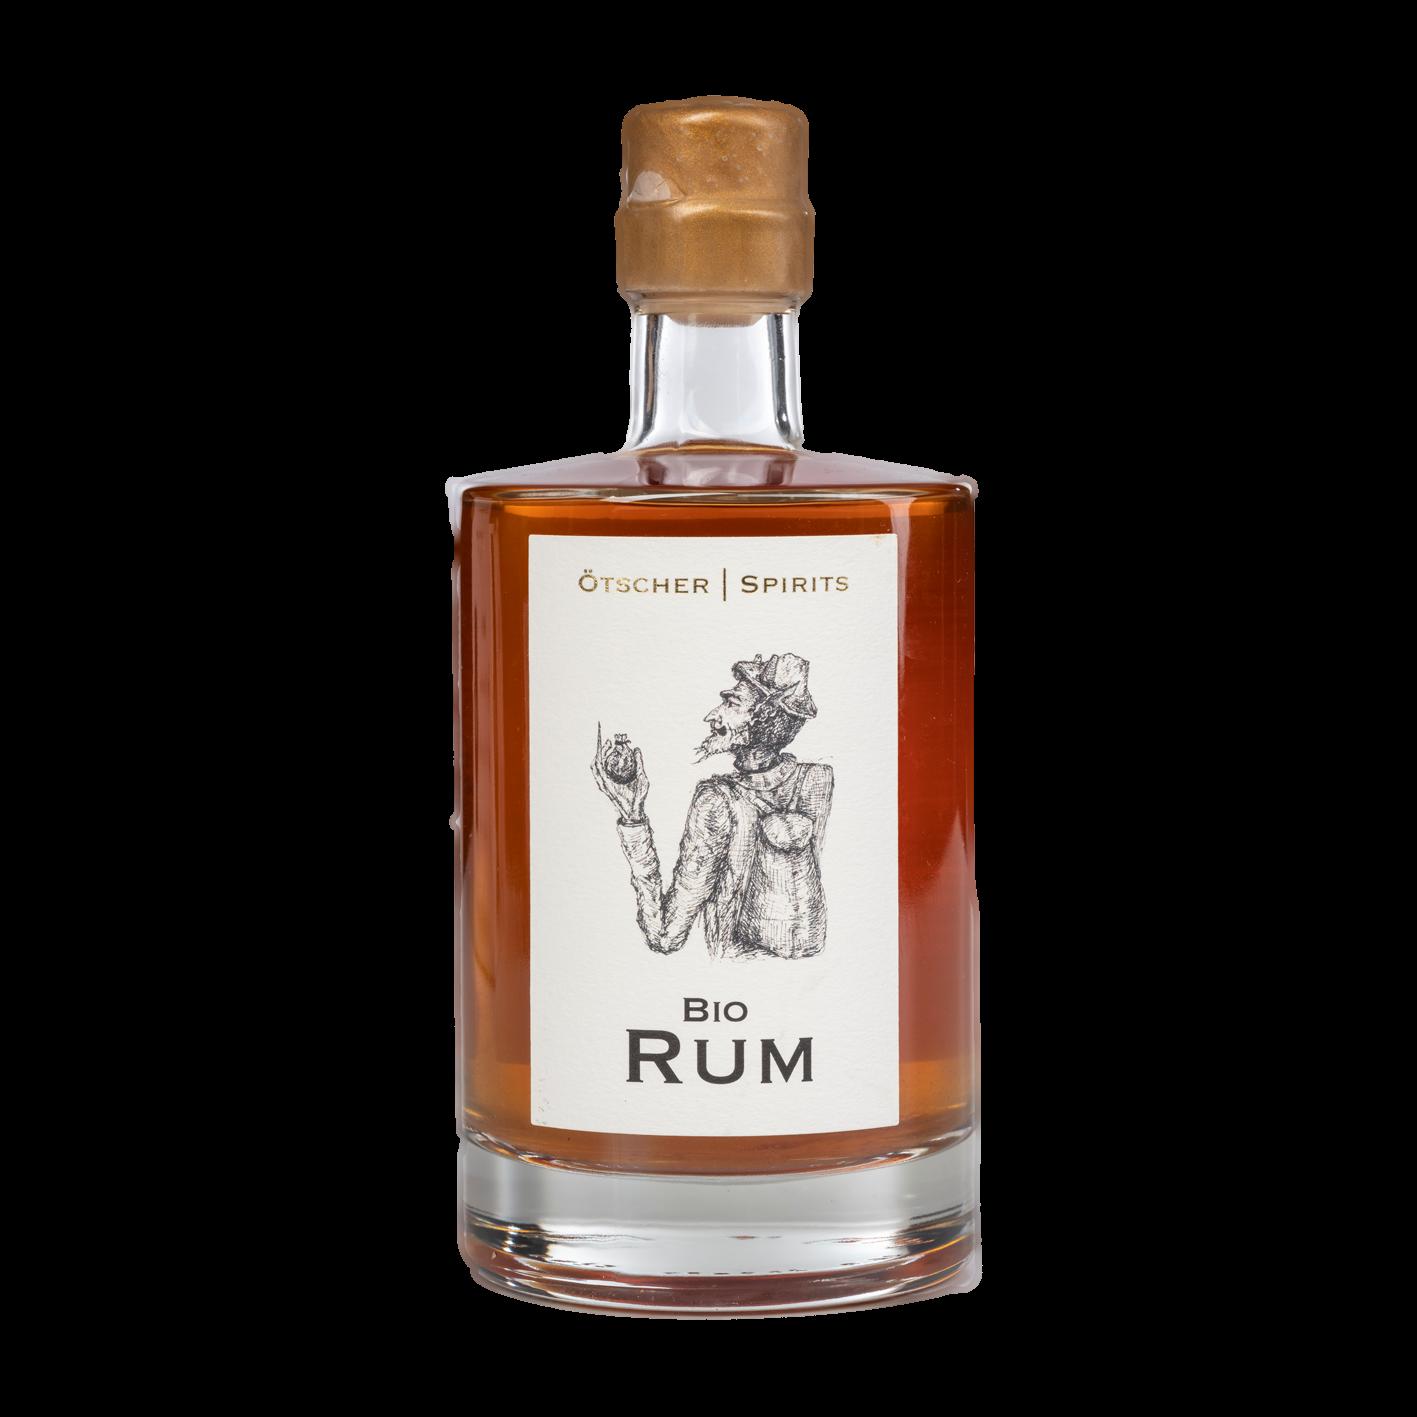 Bio Rum 0,5 l Produktfoto Ötscher Spirits